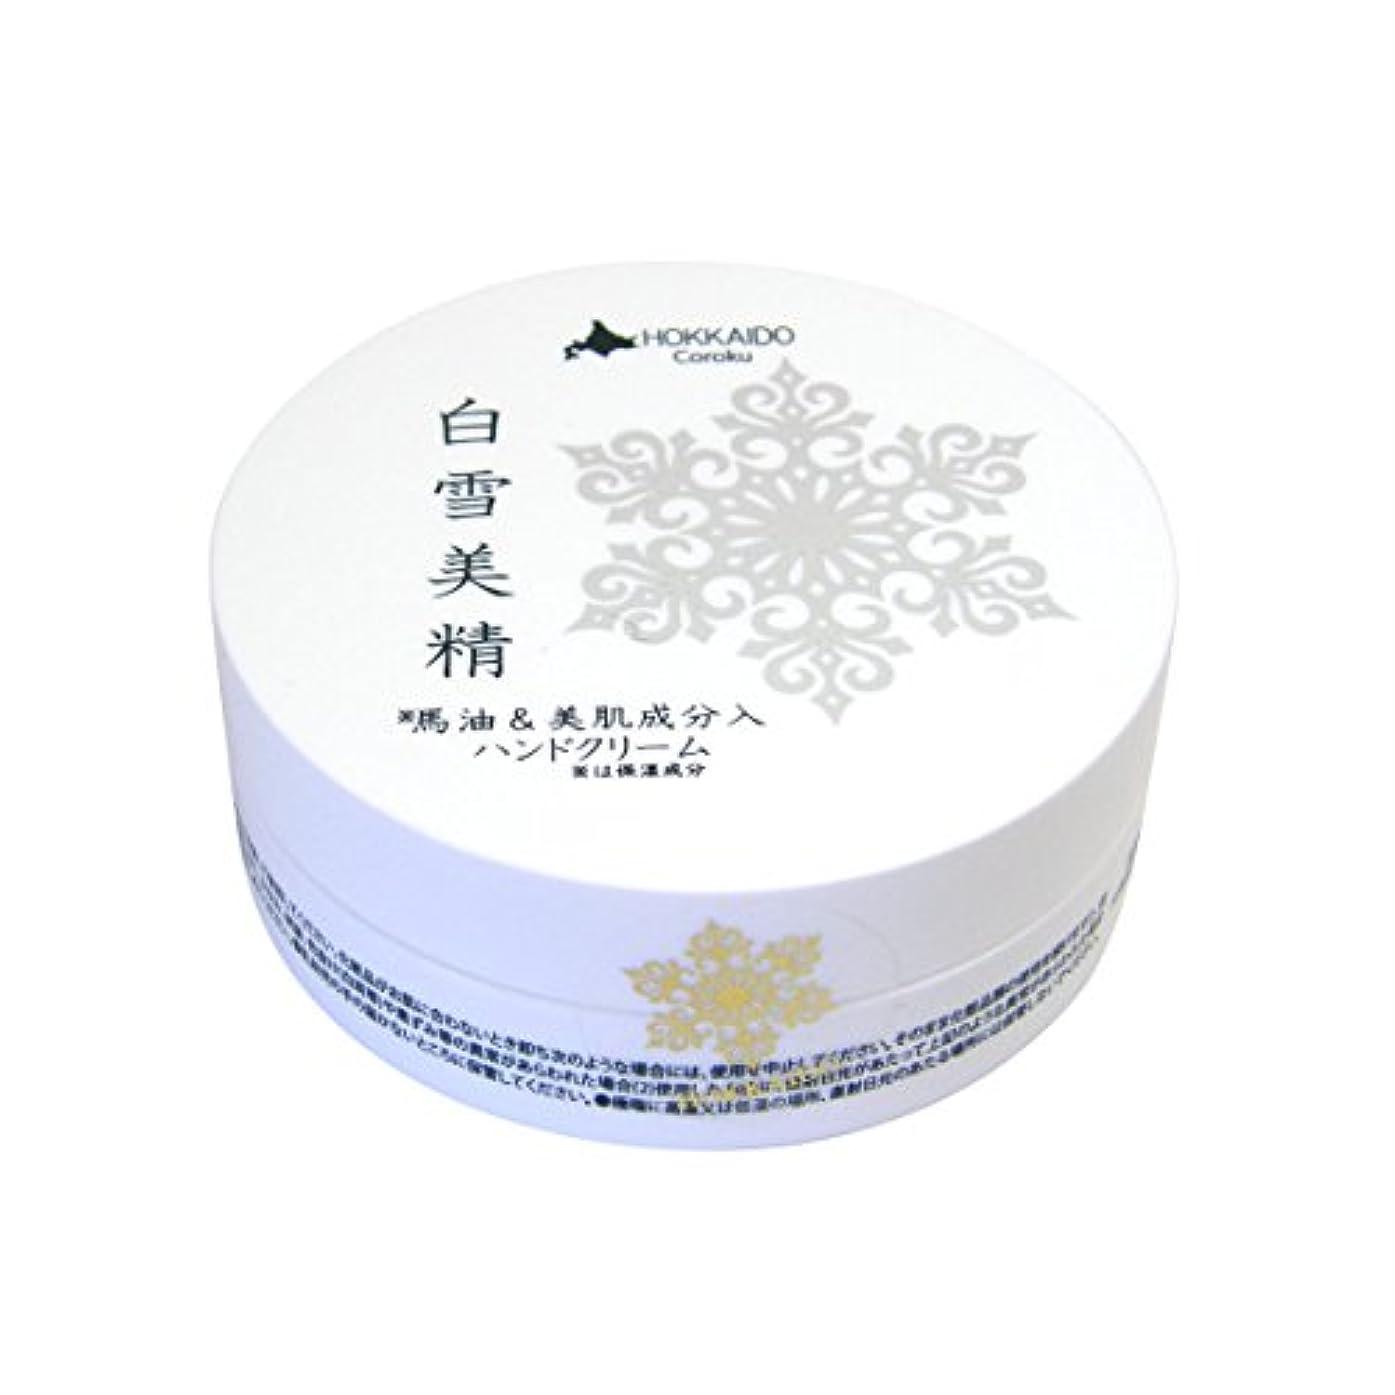 先のことを考える食べる重なるCoroku 白雪美精 ハンドクリーム 30g